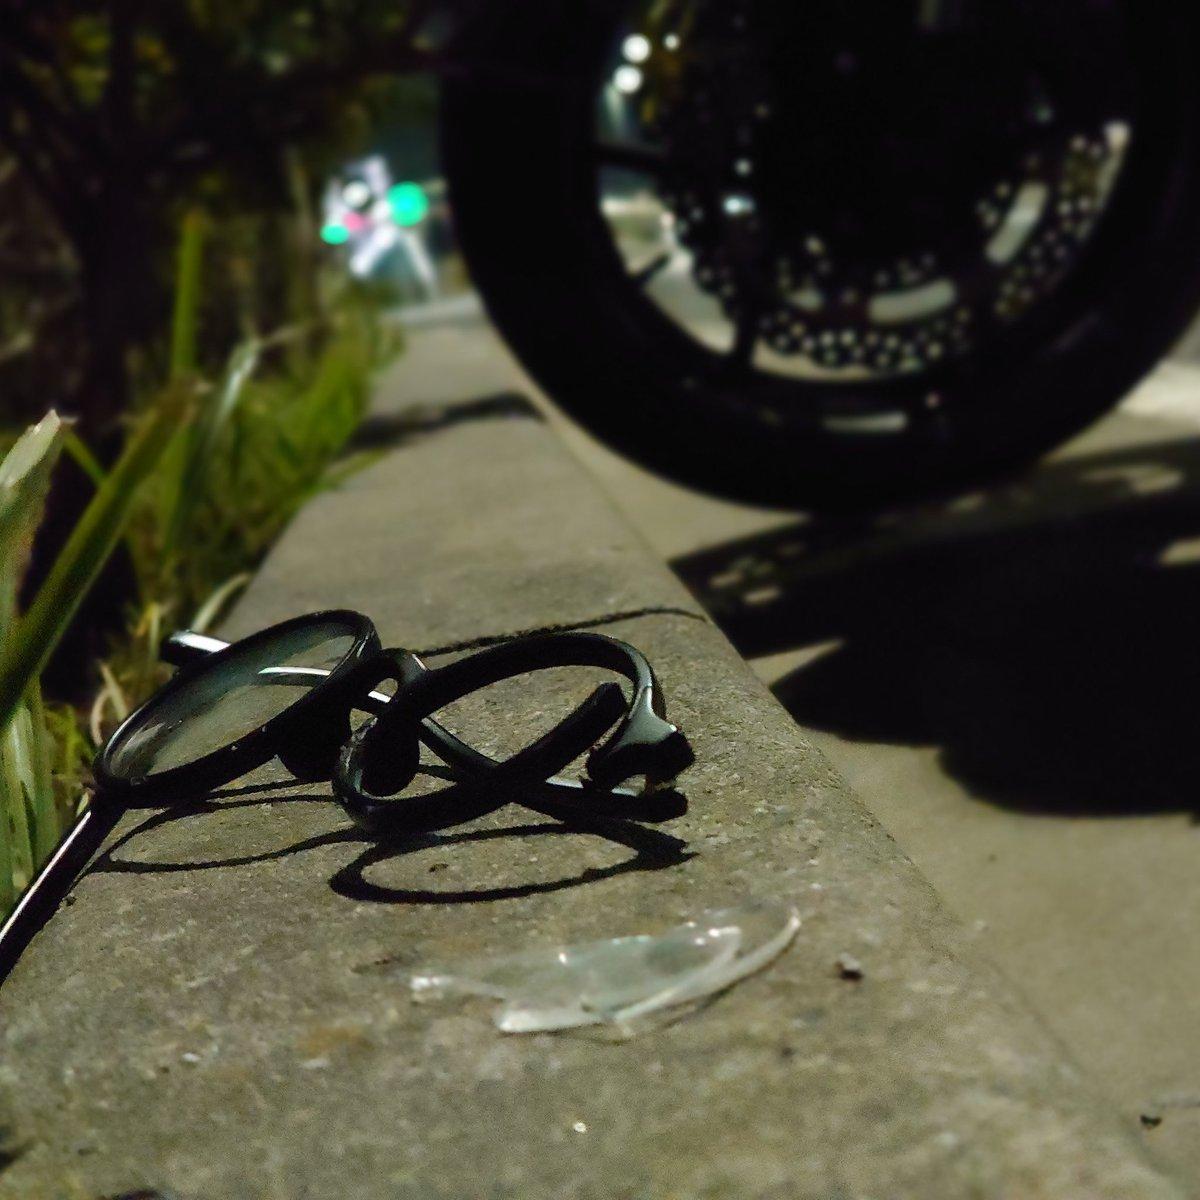 いろいろある現場ですが、 本日は自分の眼鏡を粉砕。  呪われし現場。南無。  #眼鏡 #現場 #壊れる #playapart